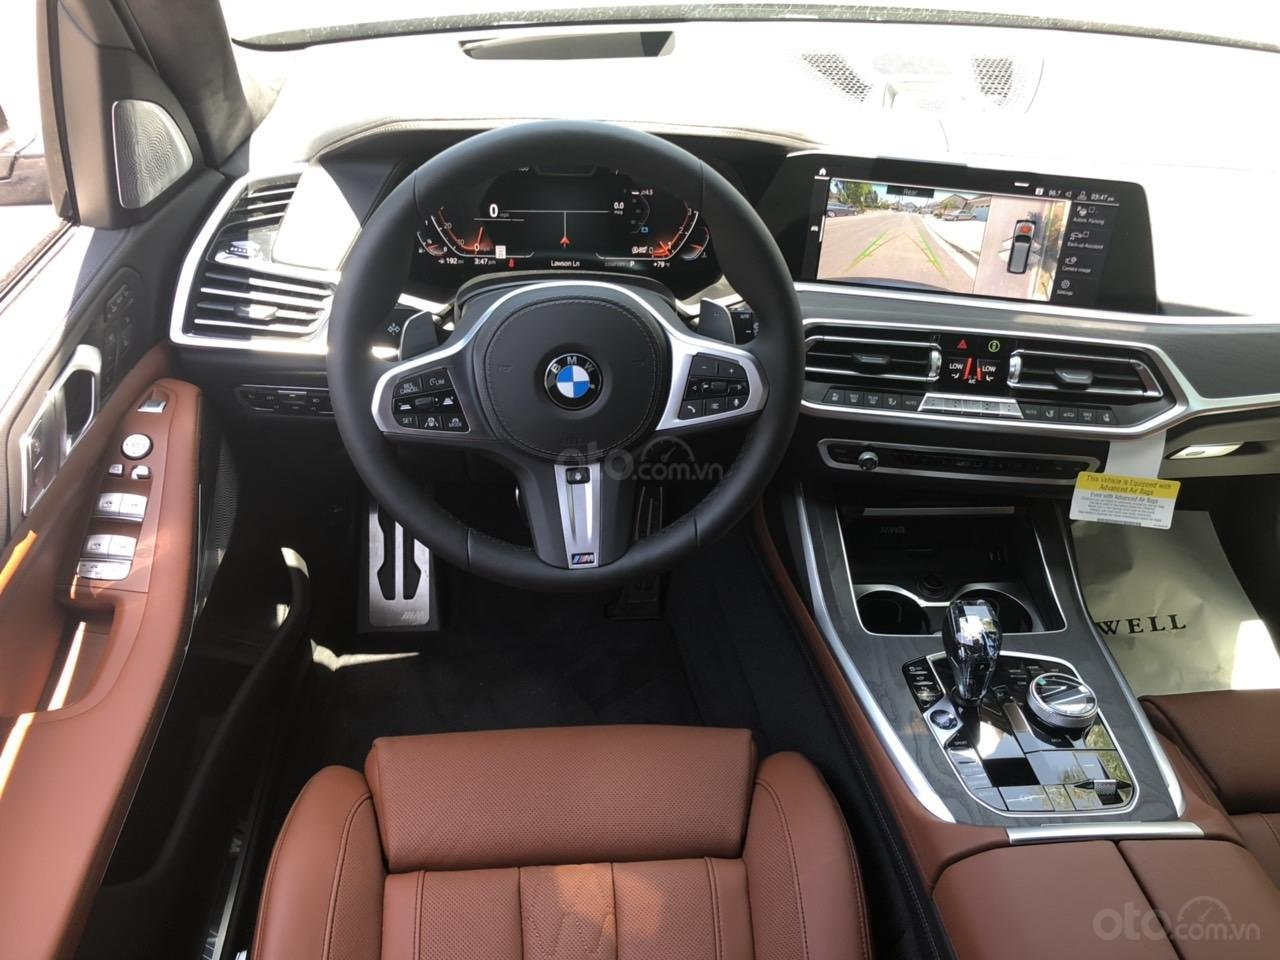 Bán BMW X7 Msport phiên bản thể thao cao cấp nhất, xe giao ngay. 0904754444 (6)